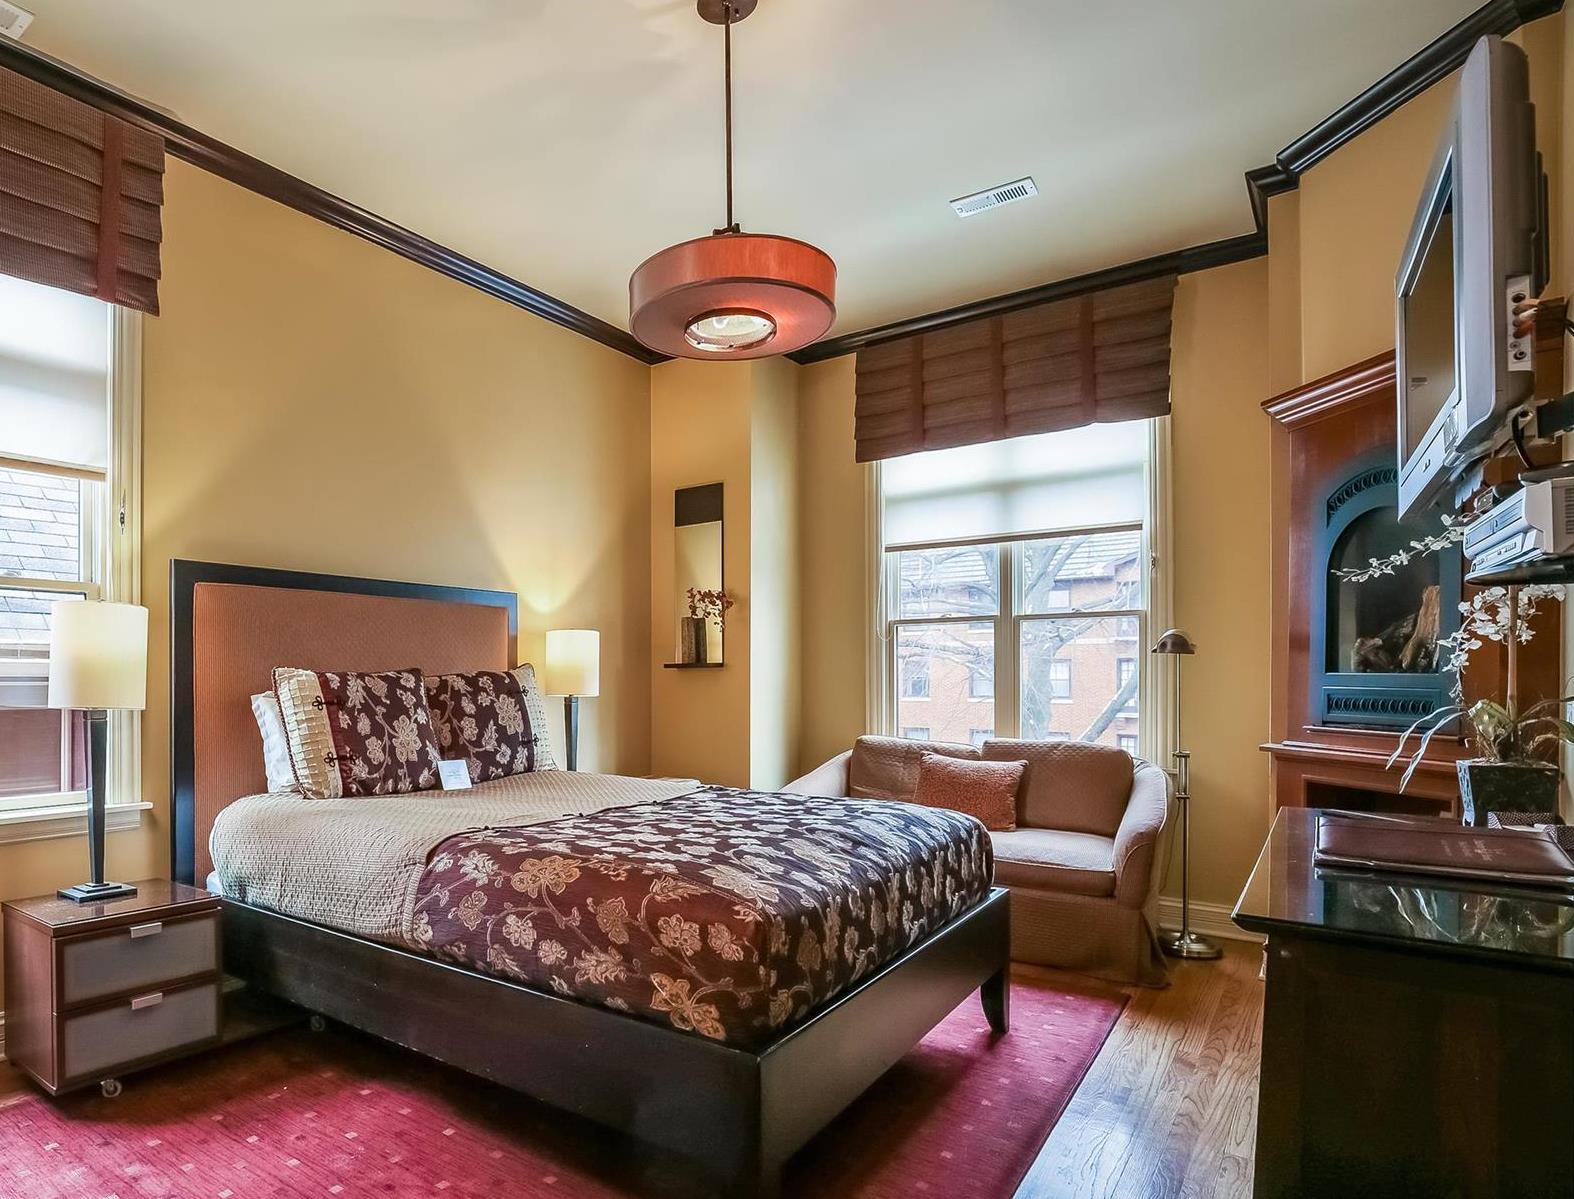 Image for Golden Chest - 2nd Floor Queen Bed